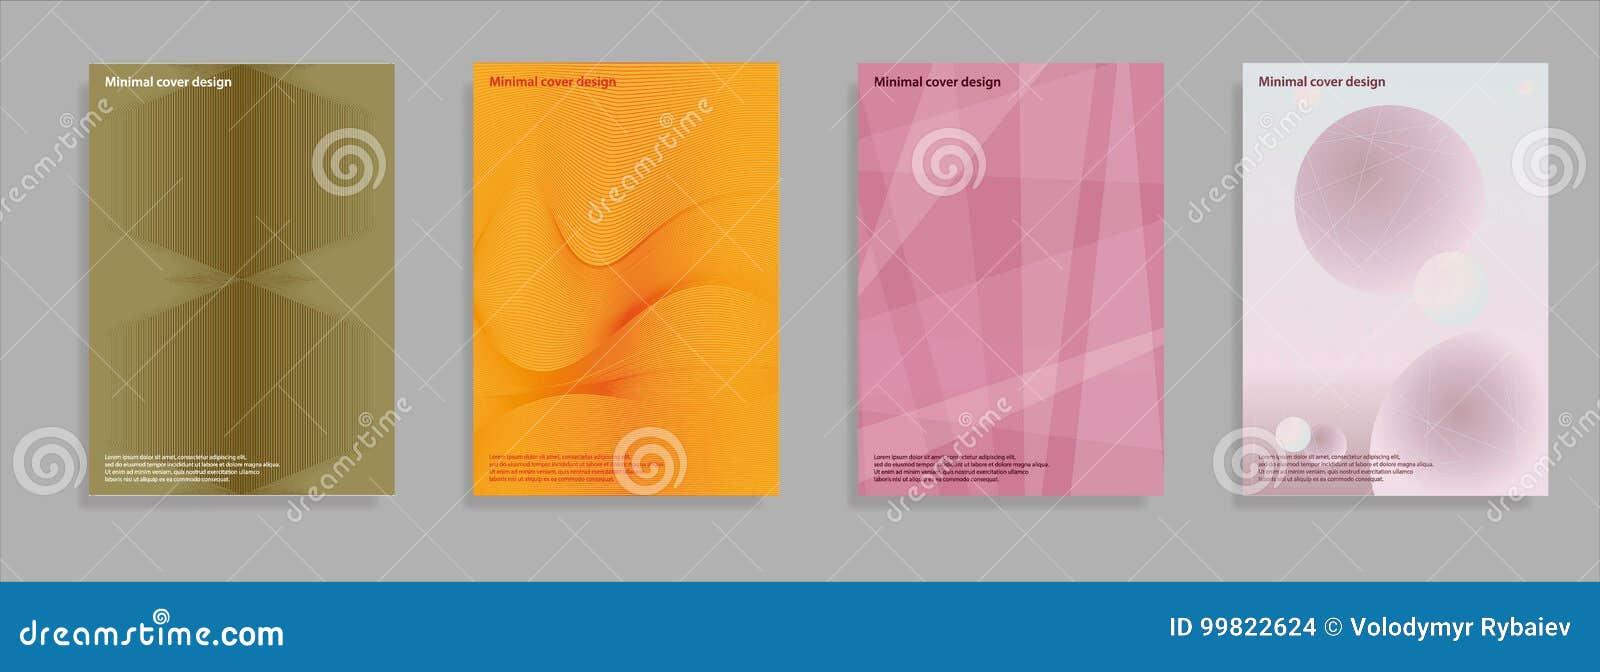 Minimale geplaatste dekking Toekomstig geometrisch ontwerp Abstract 3d netwerk Eps10 Vector